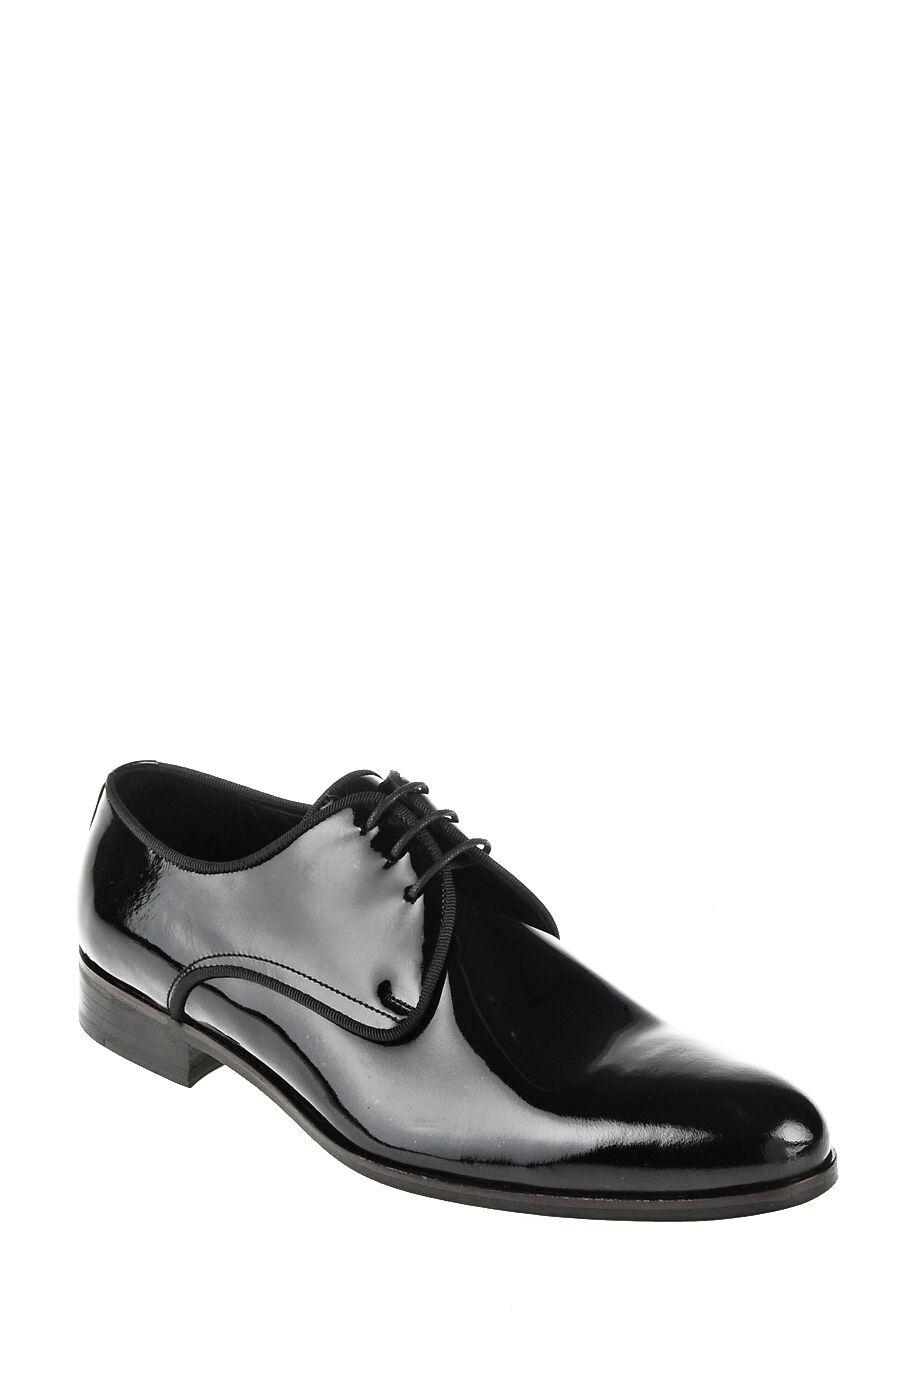 Kösele Deri Ayakkabı